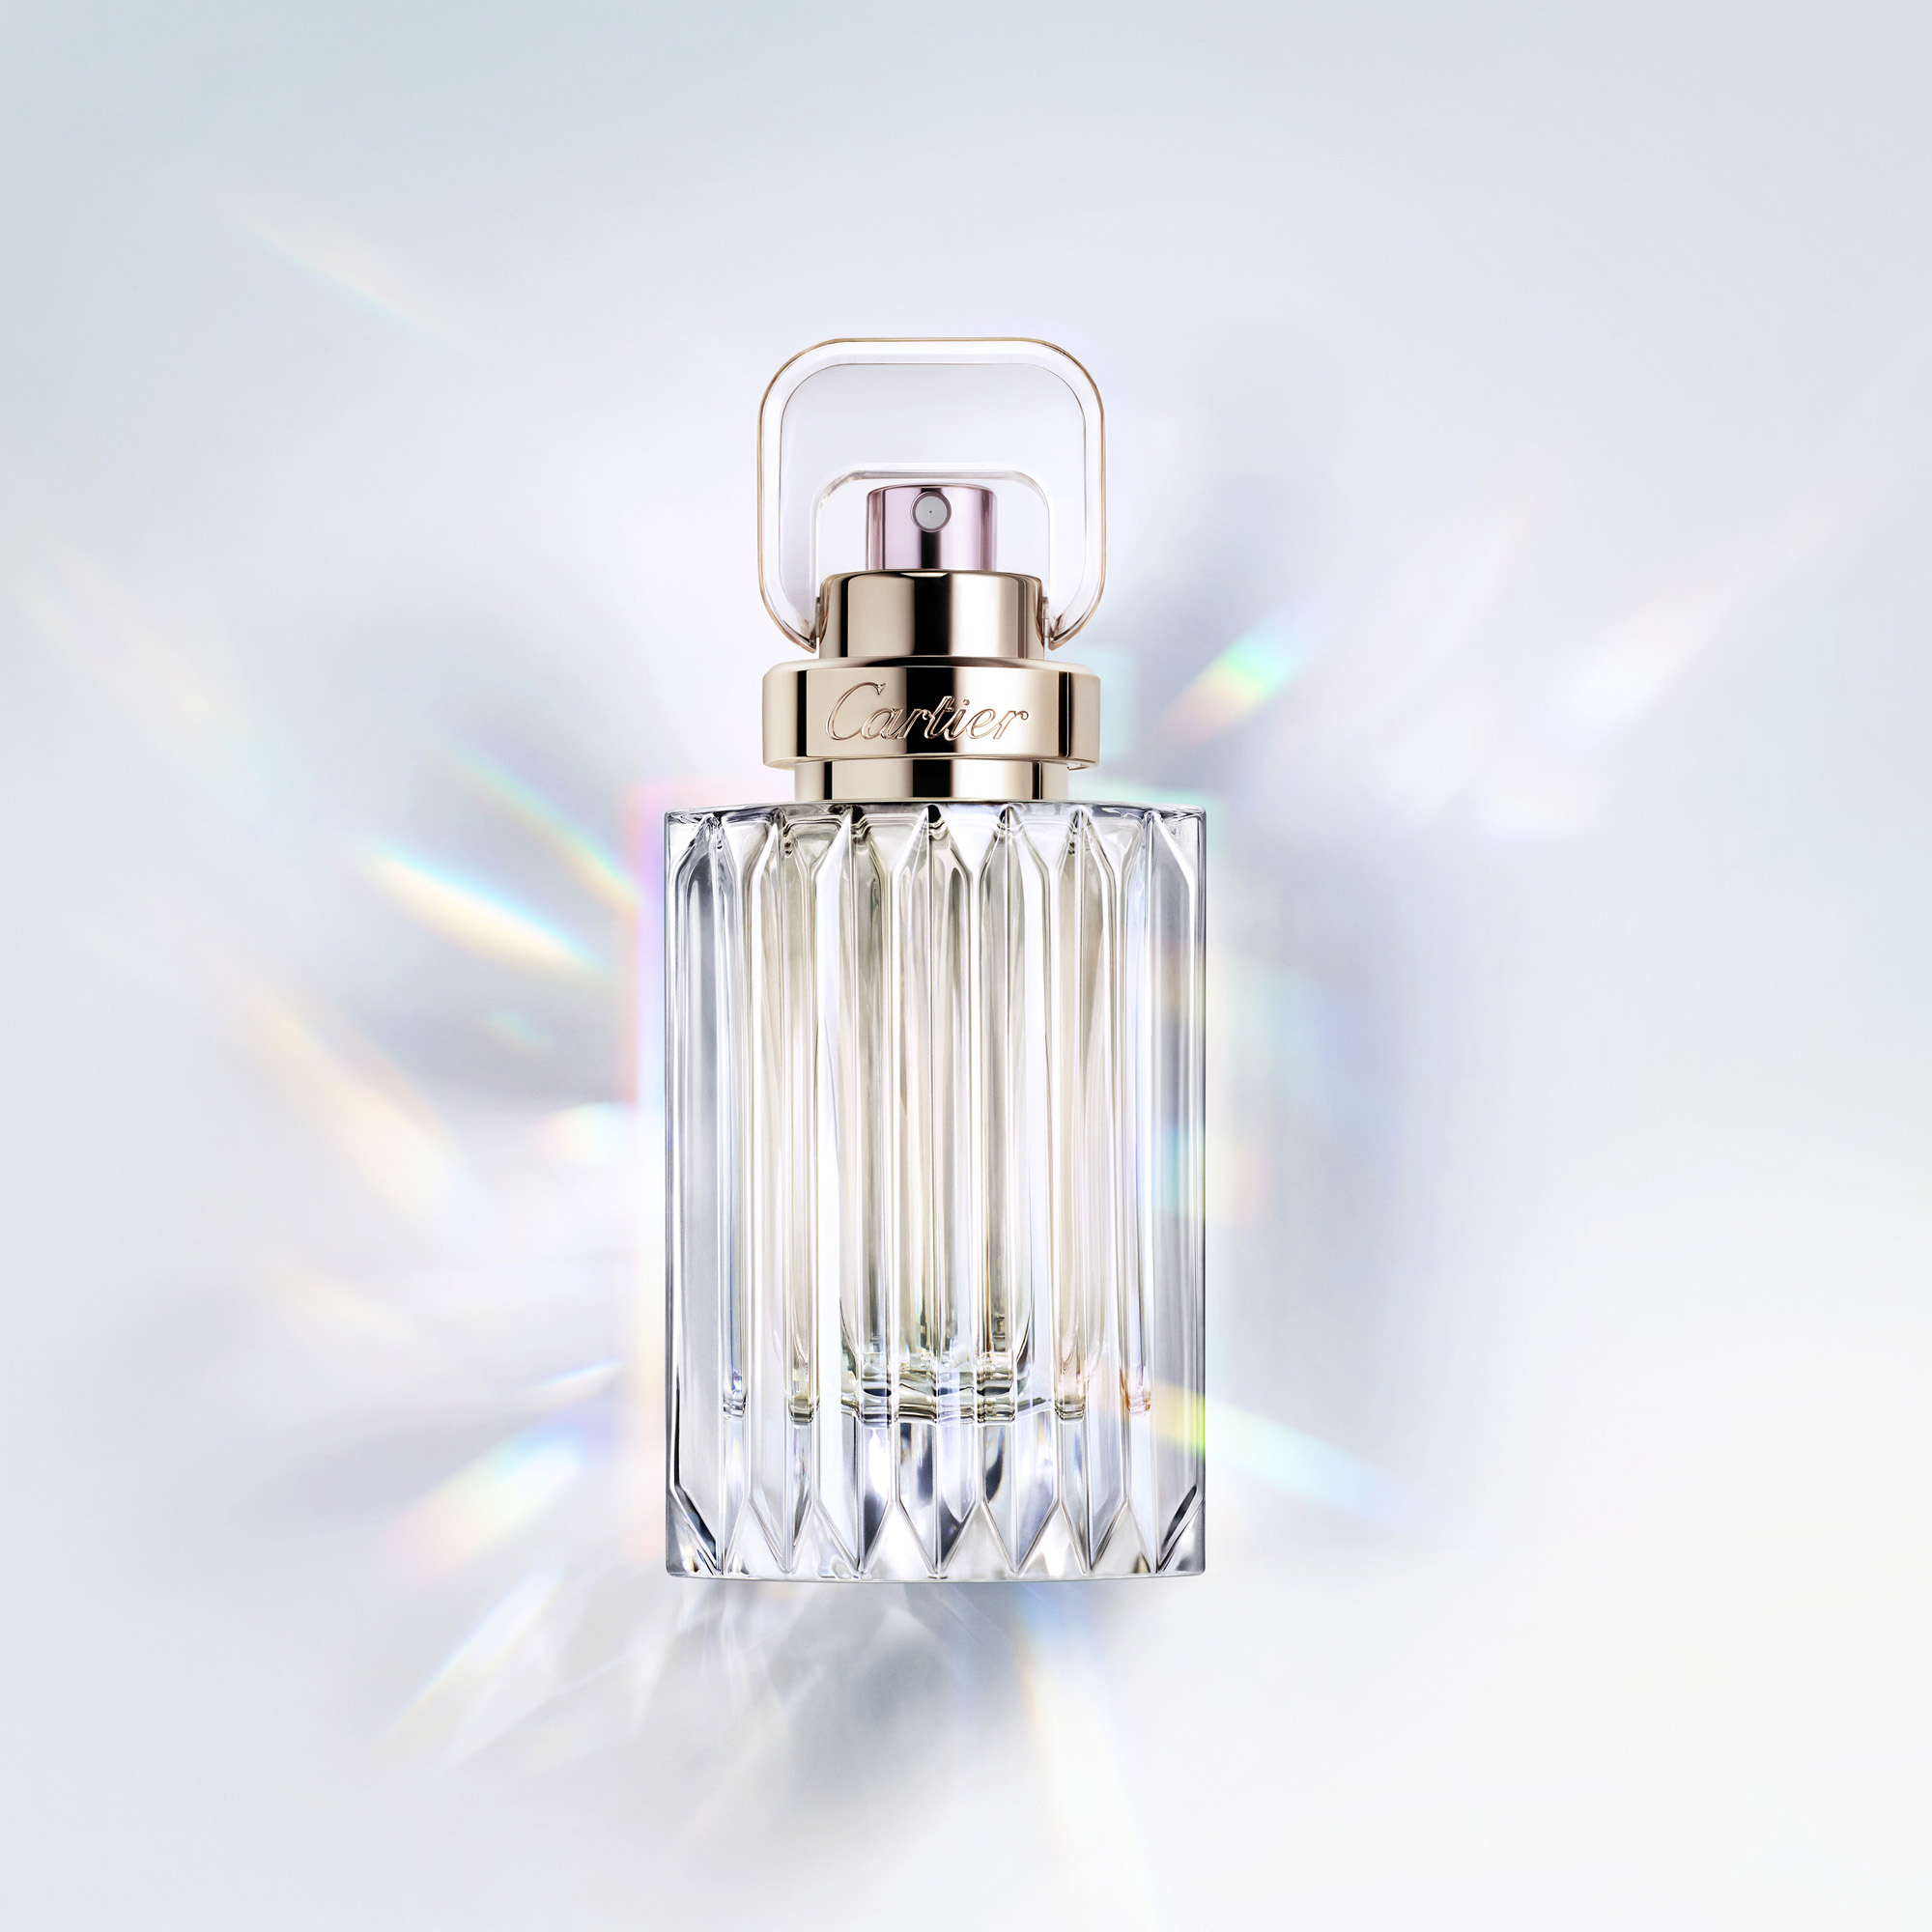 Carat Cartier Parfum Ein Neues Parfum Für Frauen 2018